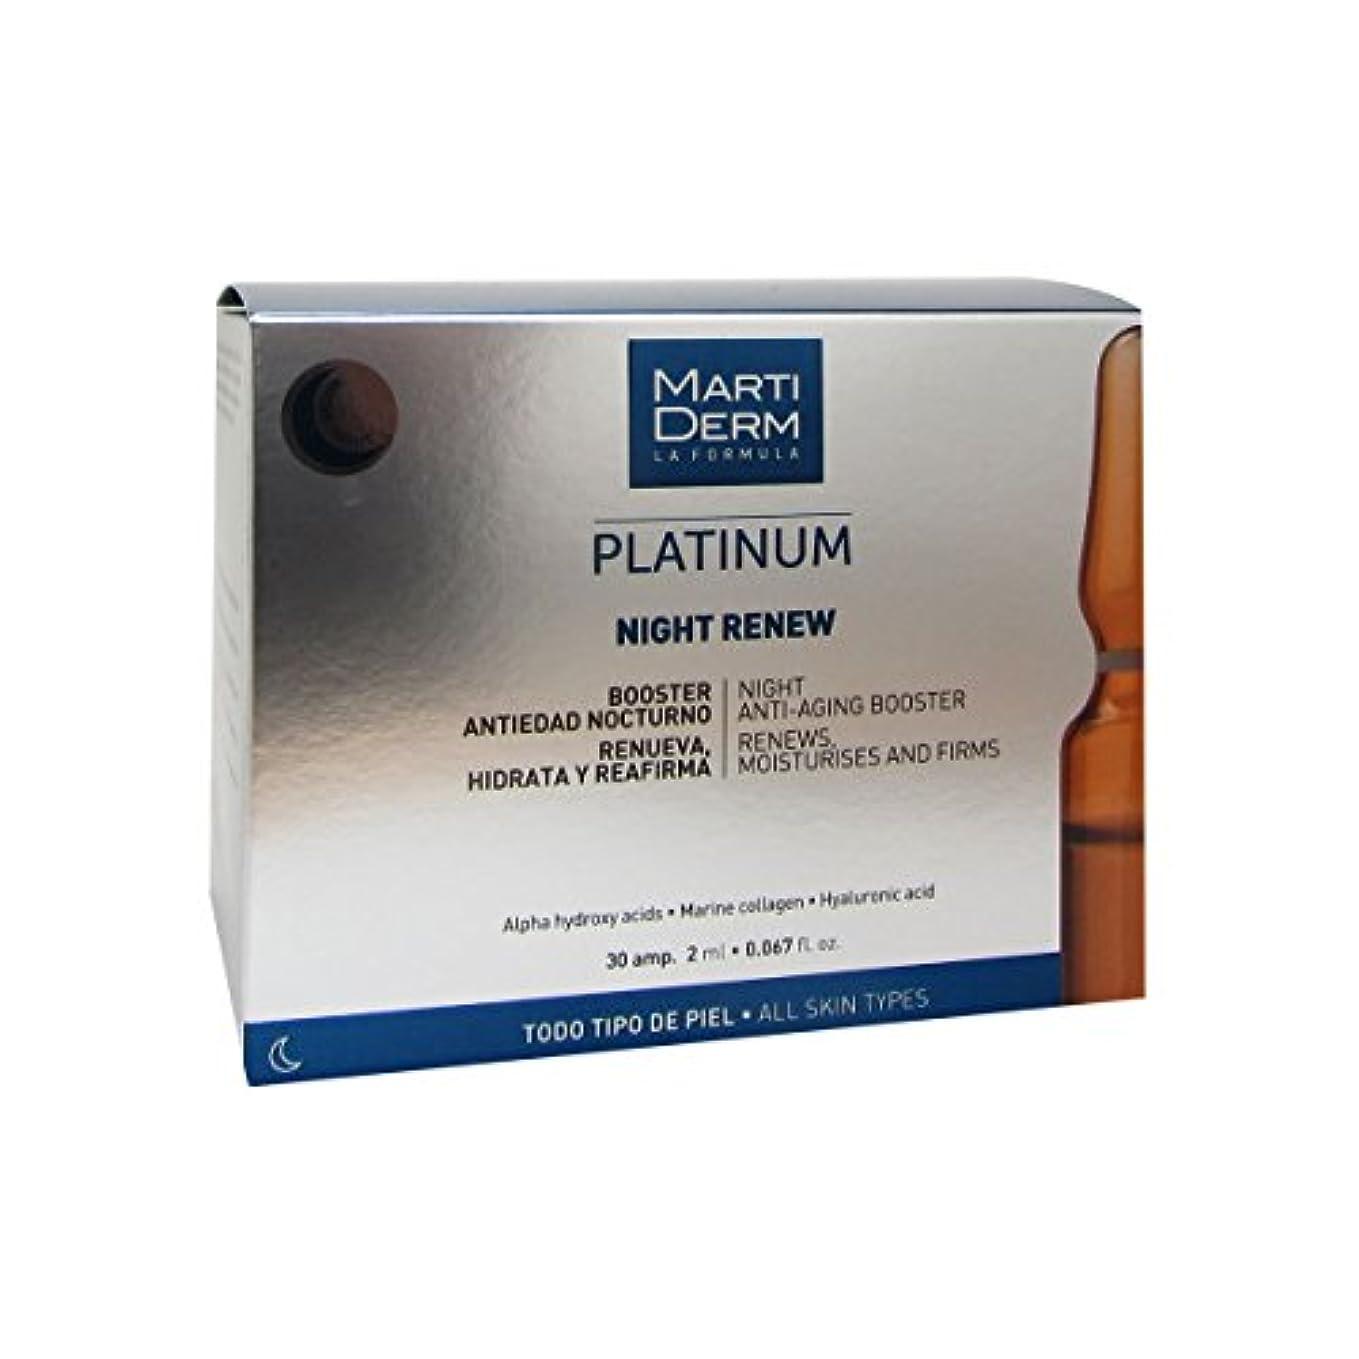 大事にするエロチック羊のMartiderm Platinum Night Renew Ampoules 30ampx2ml [並行輸入品]